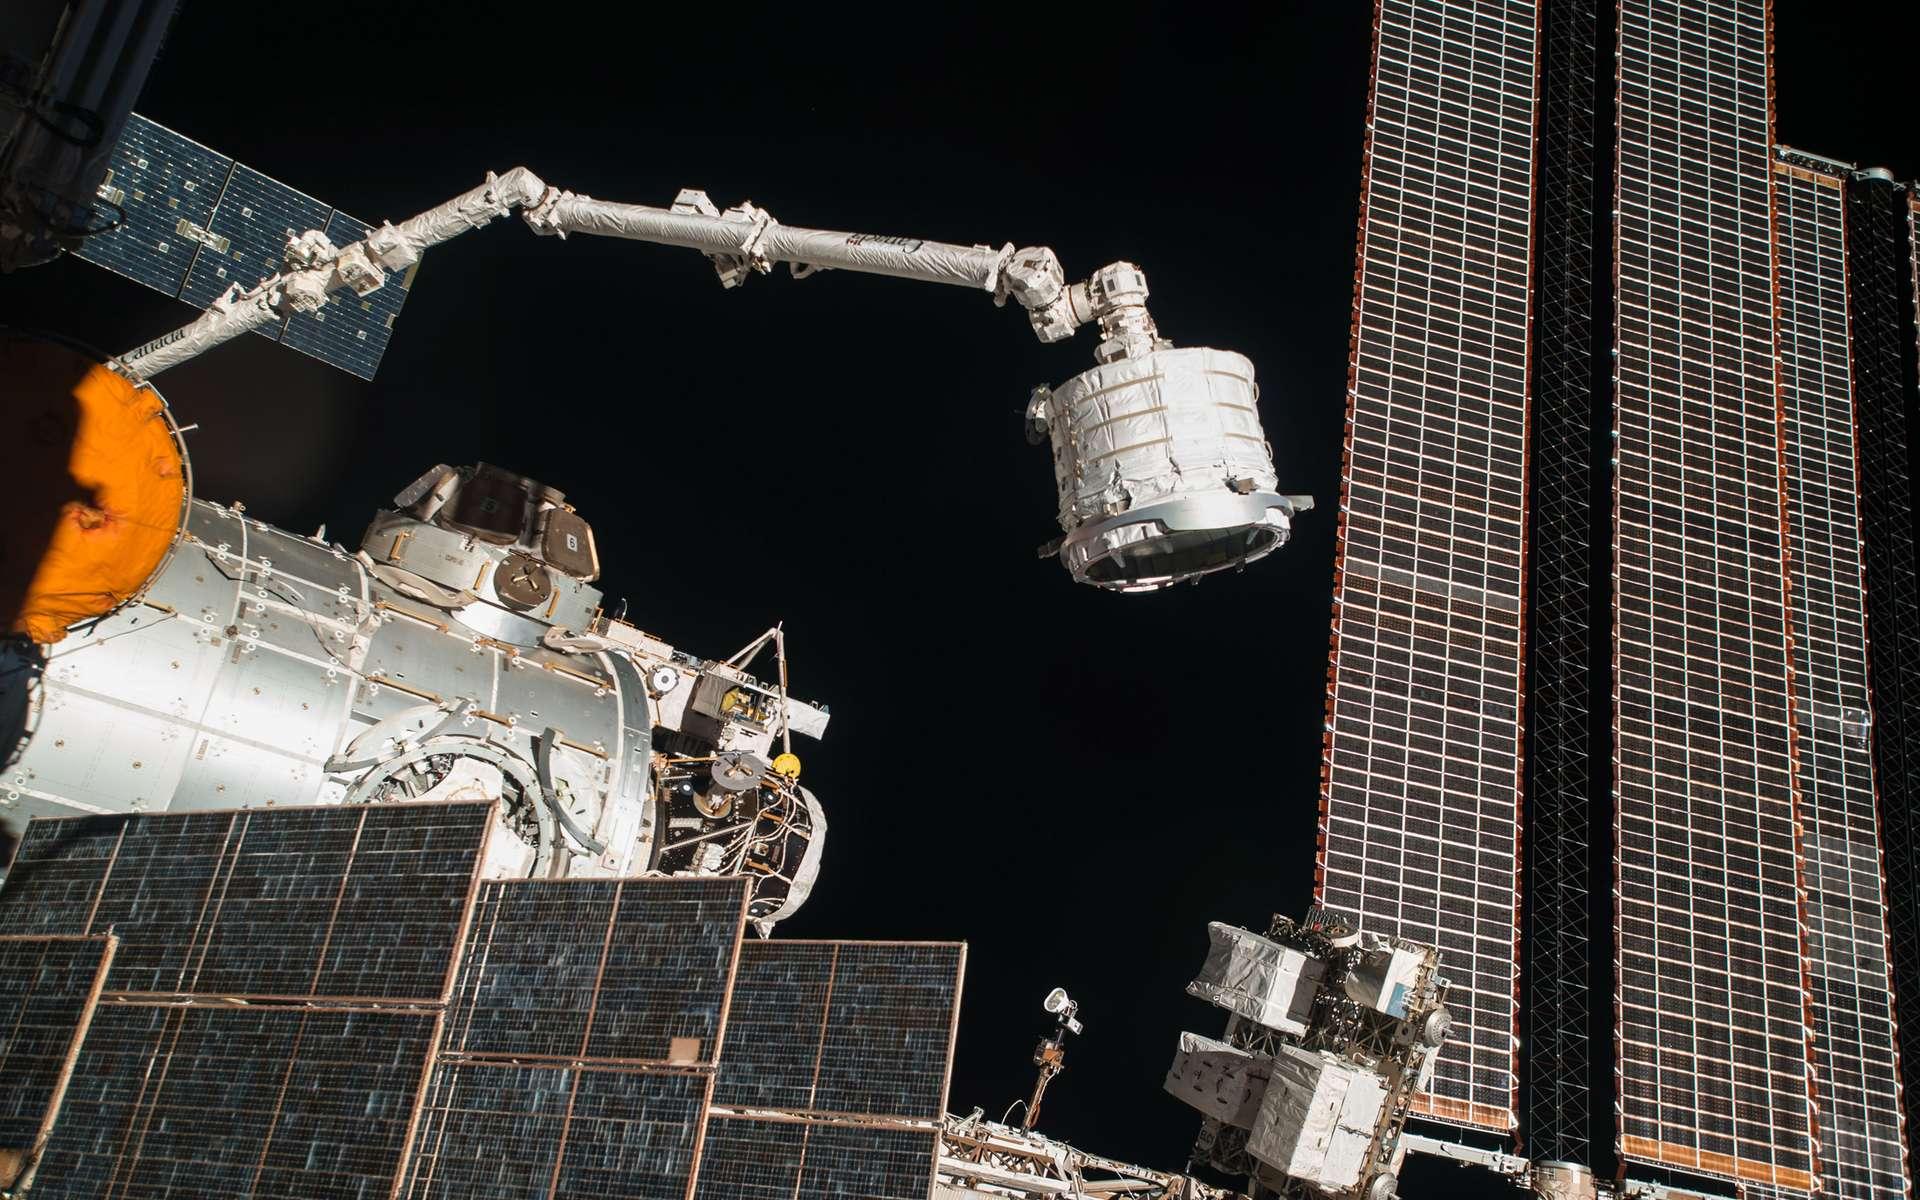 À l'aide du bras robotique de l'ISS, installation du module gonflable Beam sur un des ports du module Harmony de la Station spatiale. © Nasa